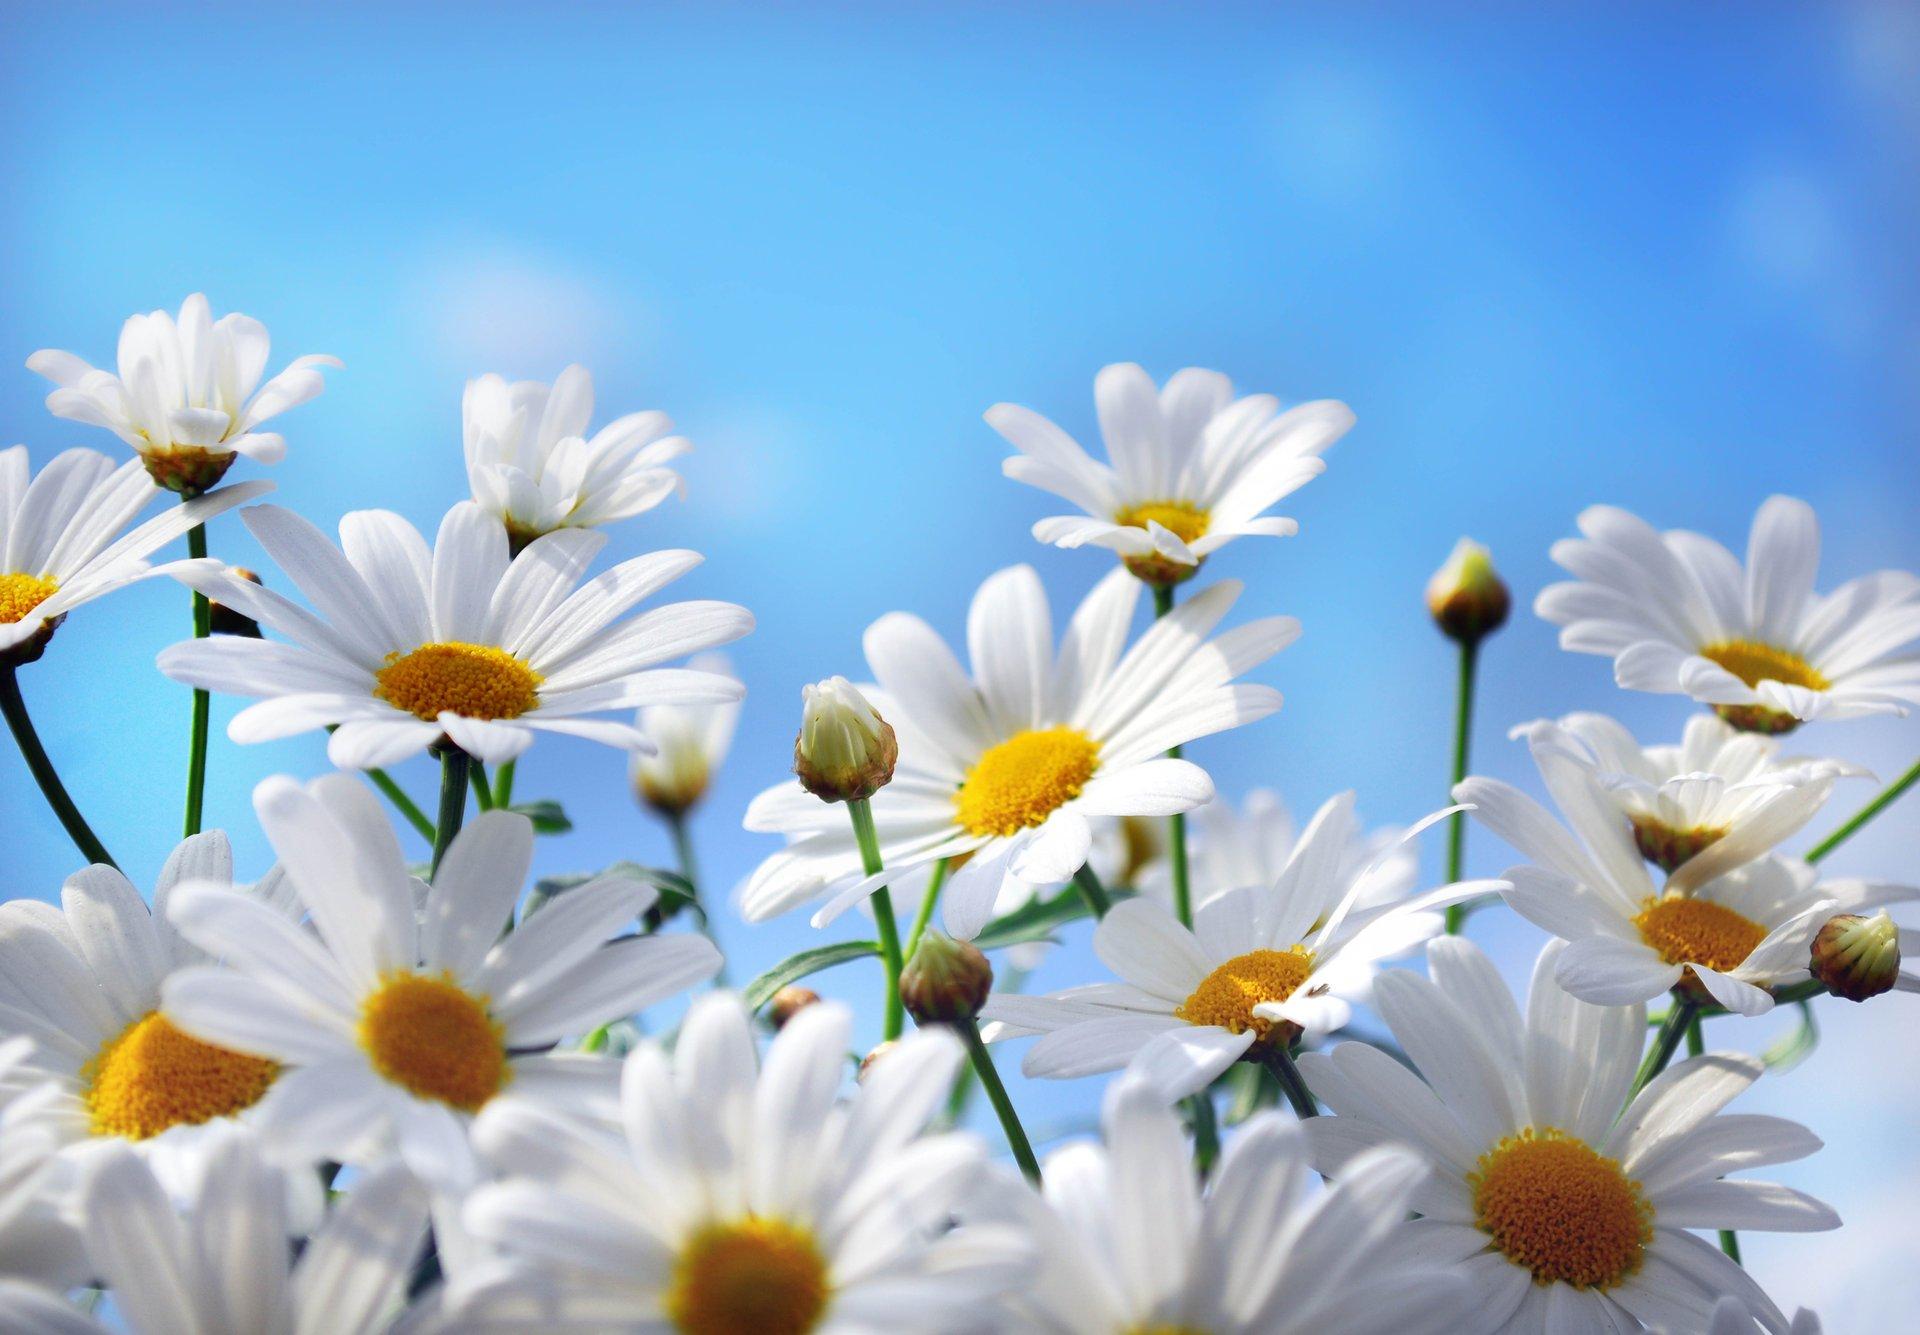 Обои На Телефон Красивые Картинки Природа Цветы